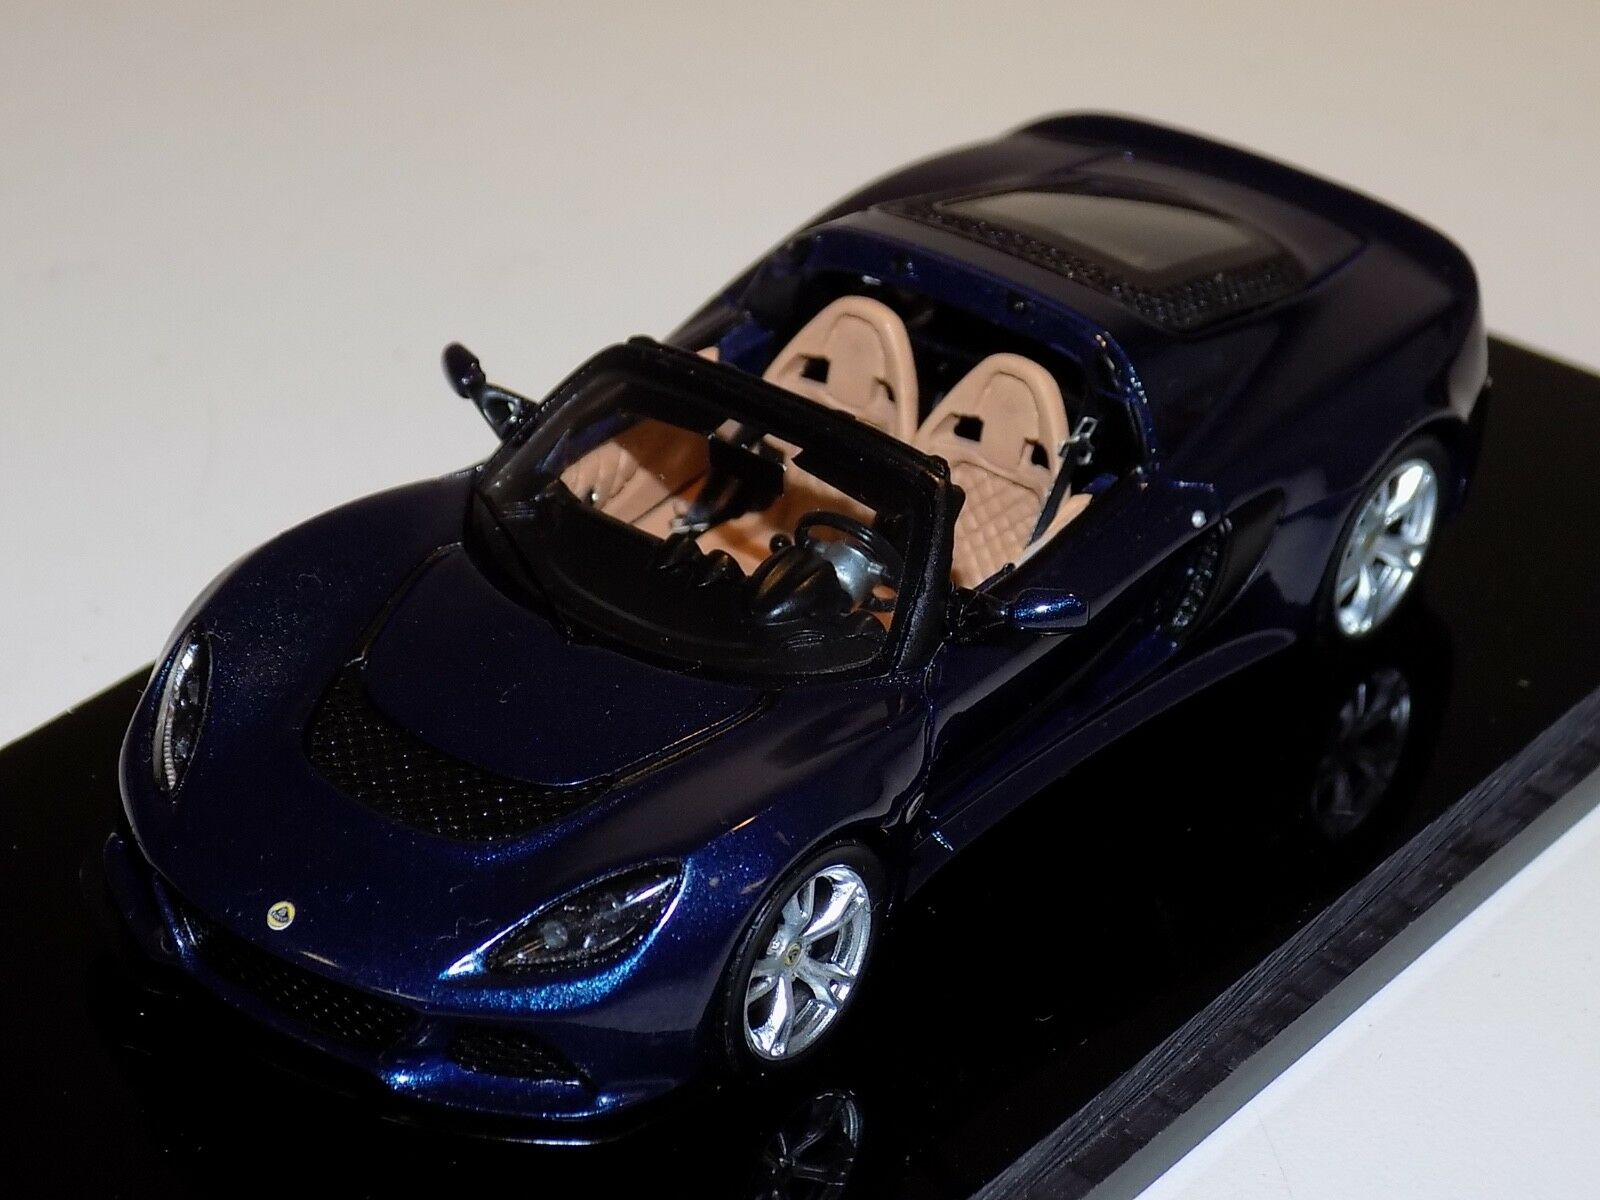 1 43 Spark Street Lotus Lotus Lotus Exile S Roadster  in bluee  S2223 102394